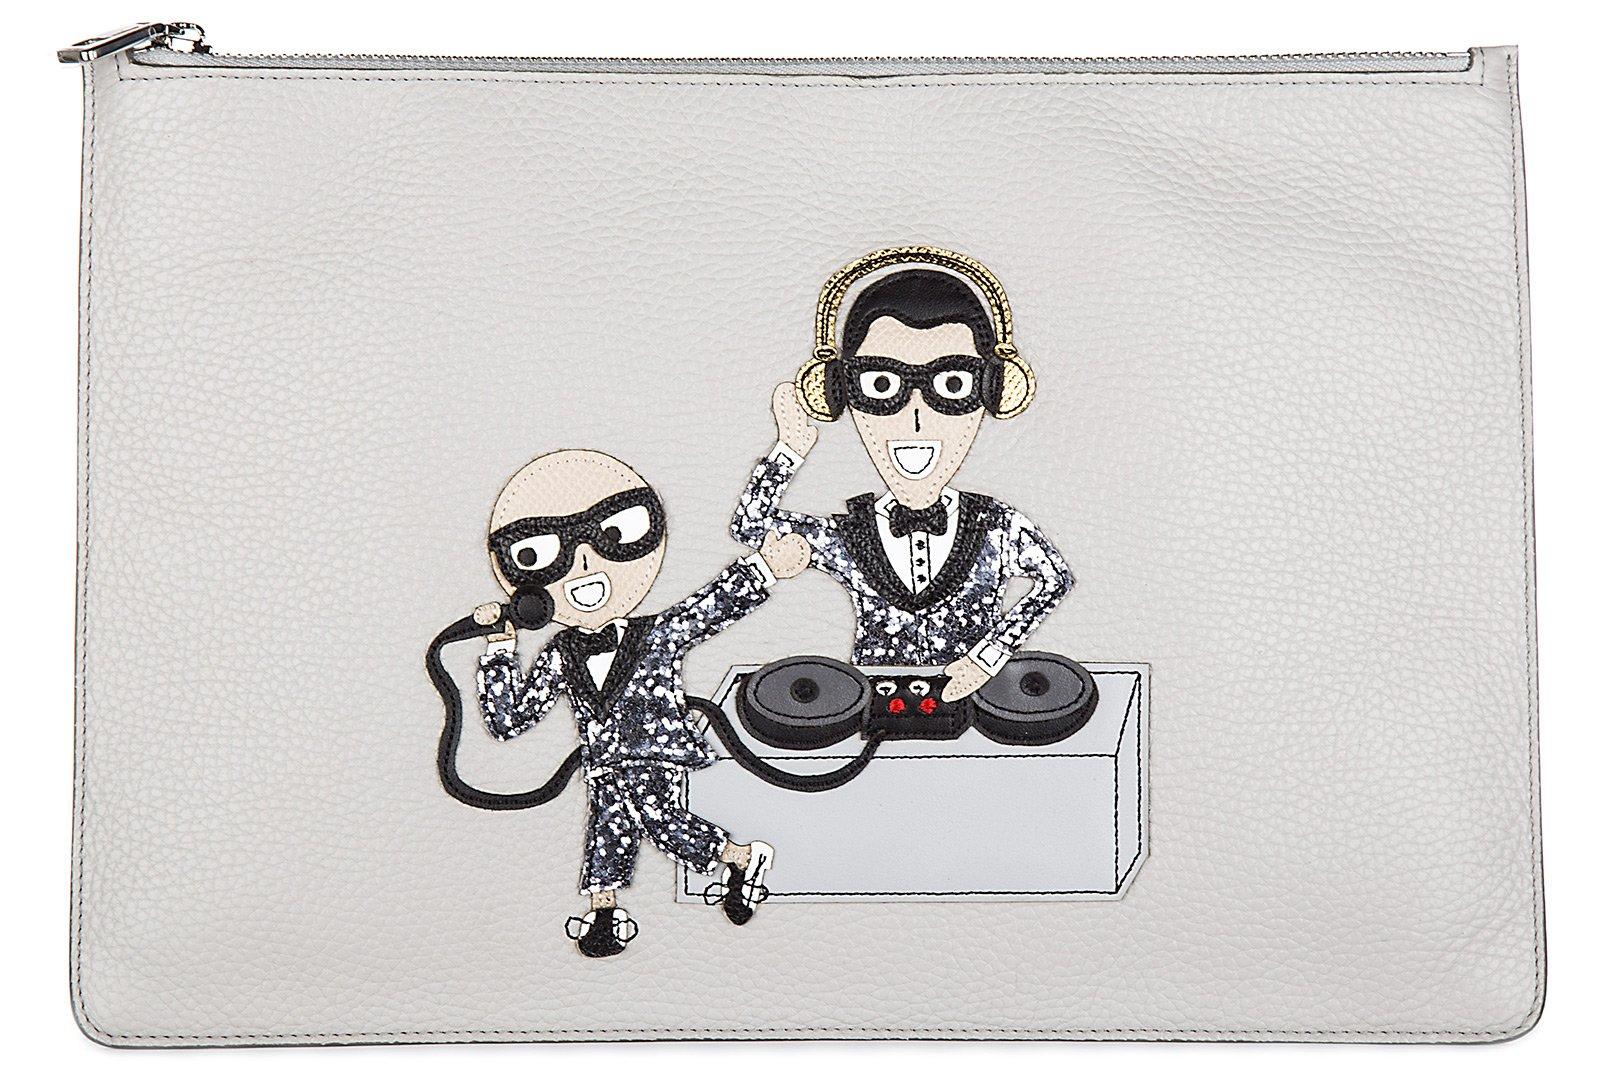 Dolce&Gabbana men's travel document passport case holder grey